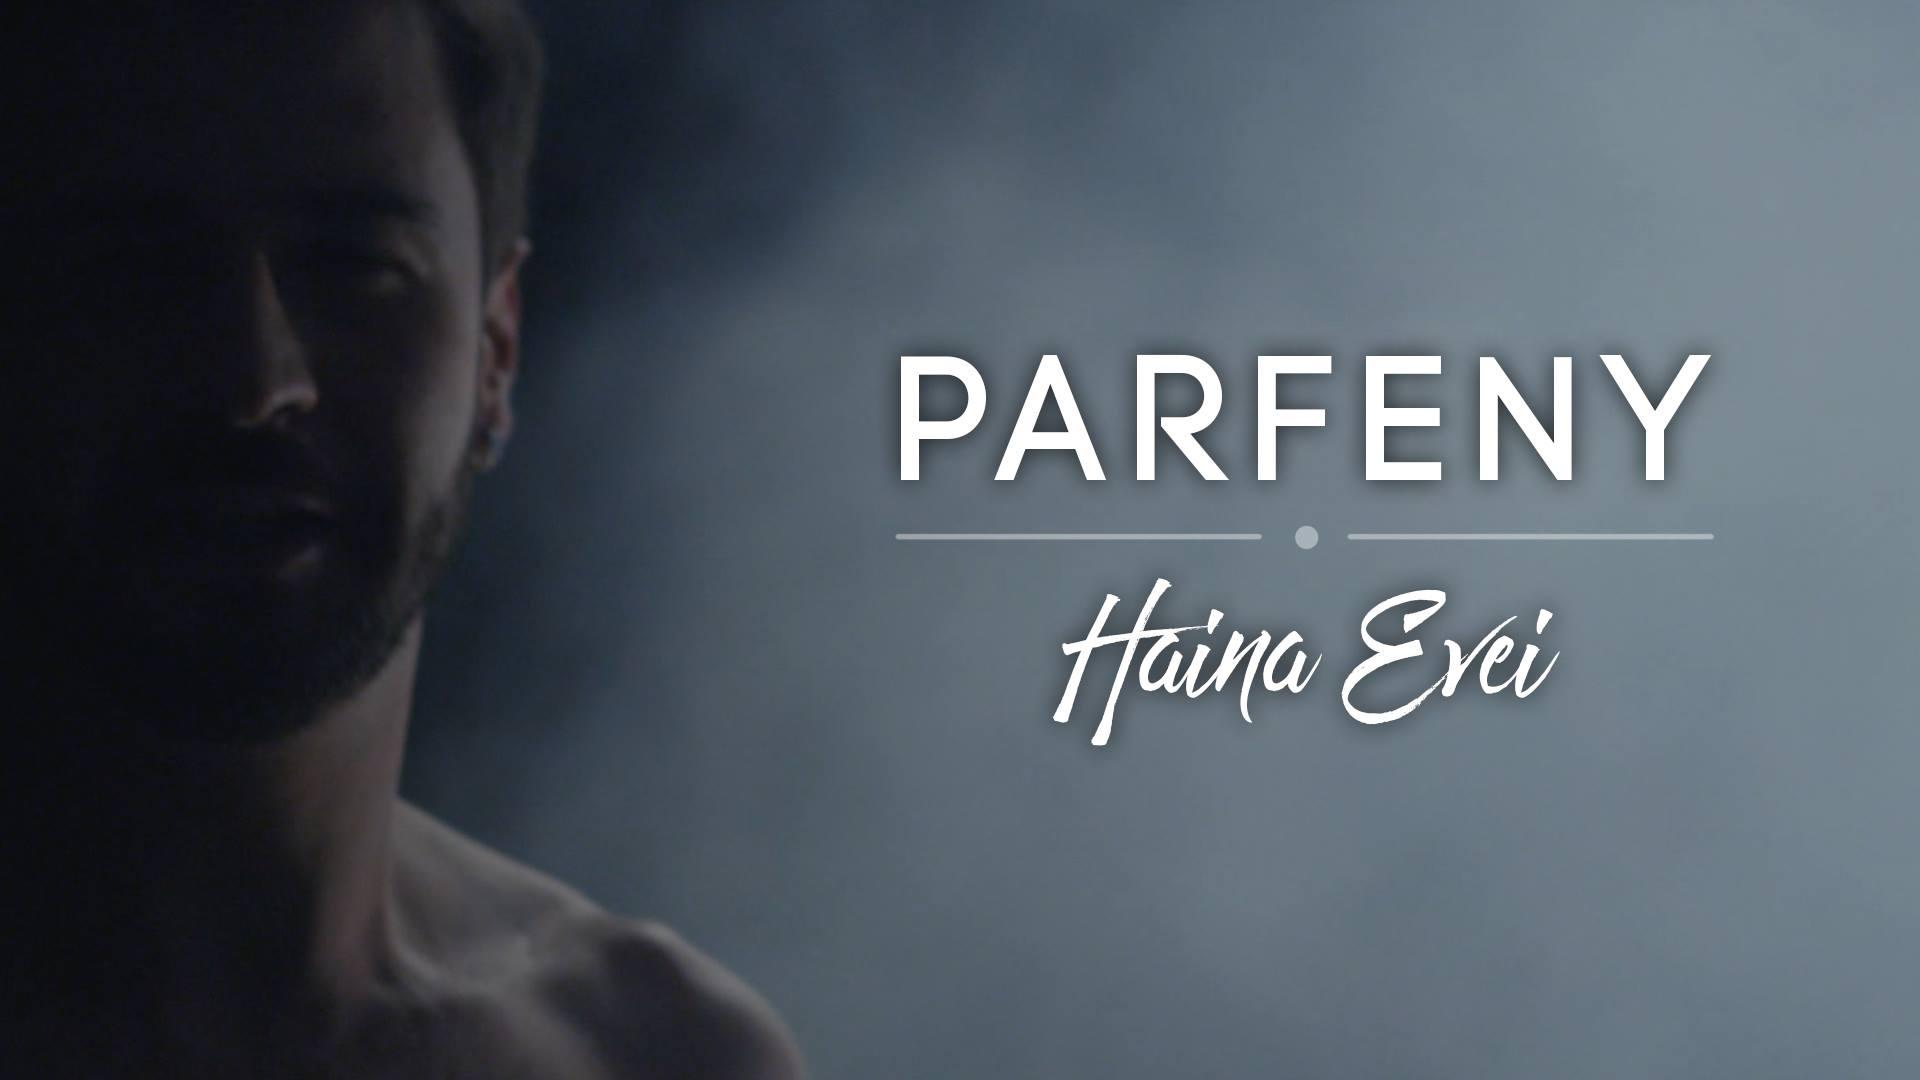 Parfeny - Haina Evei